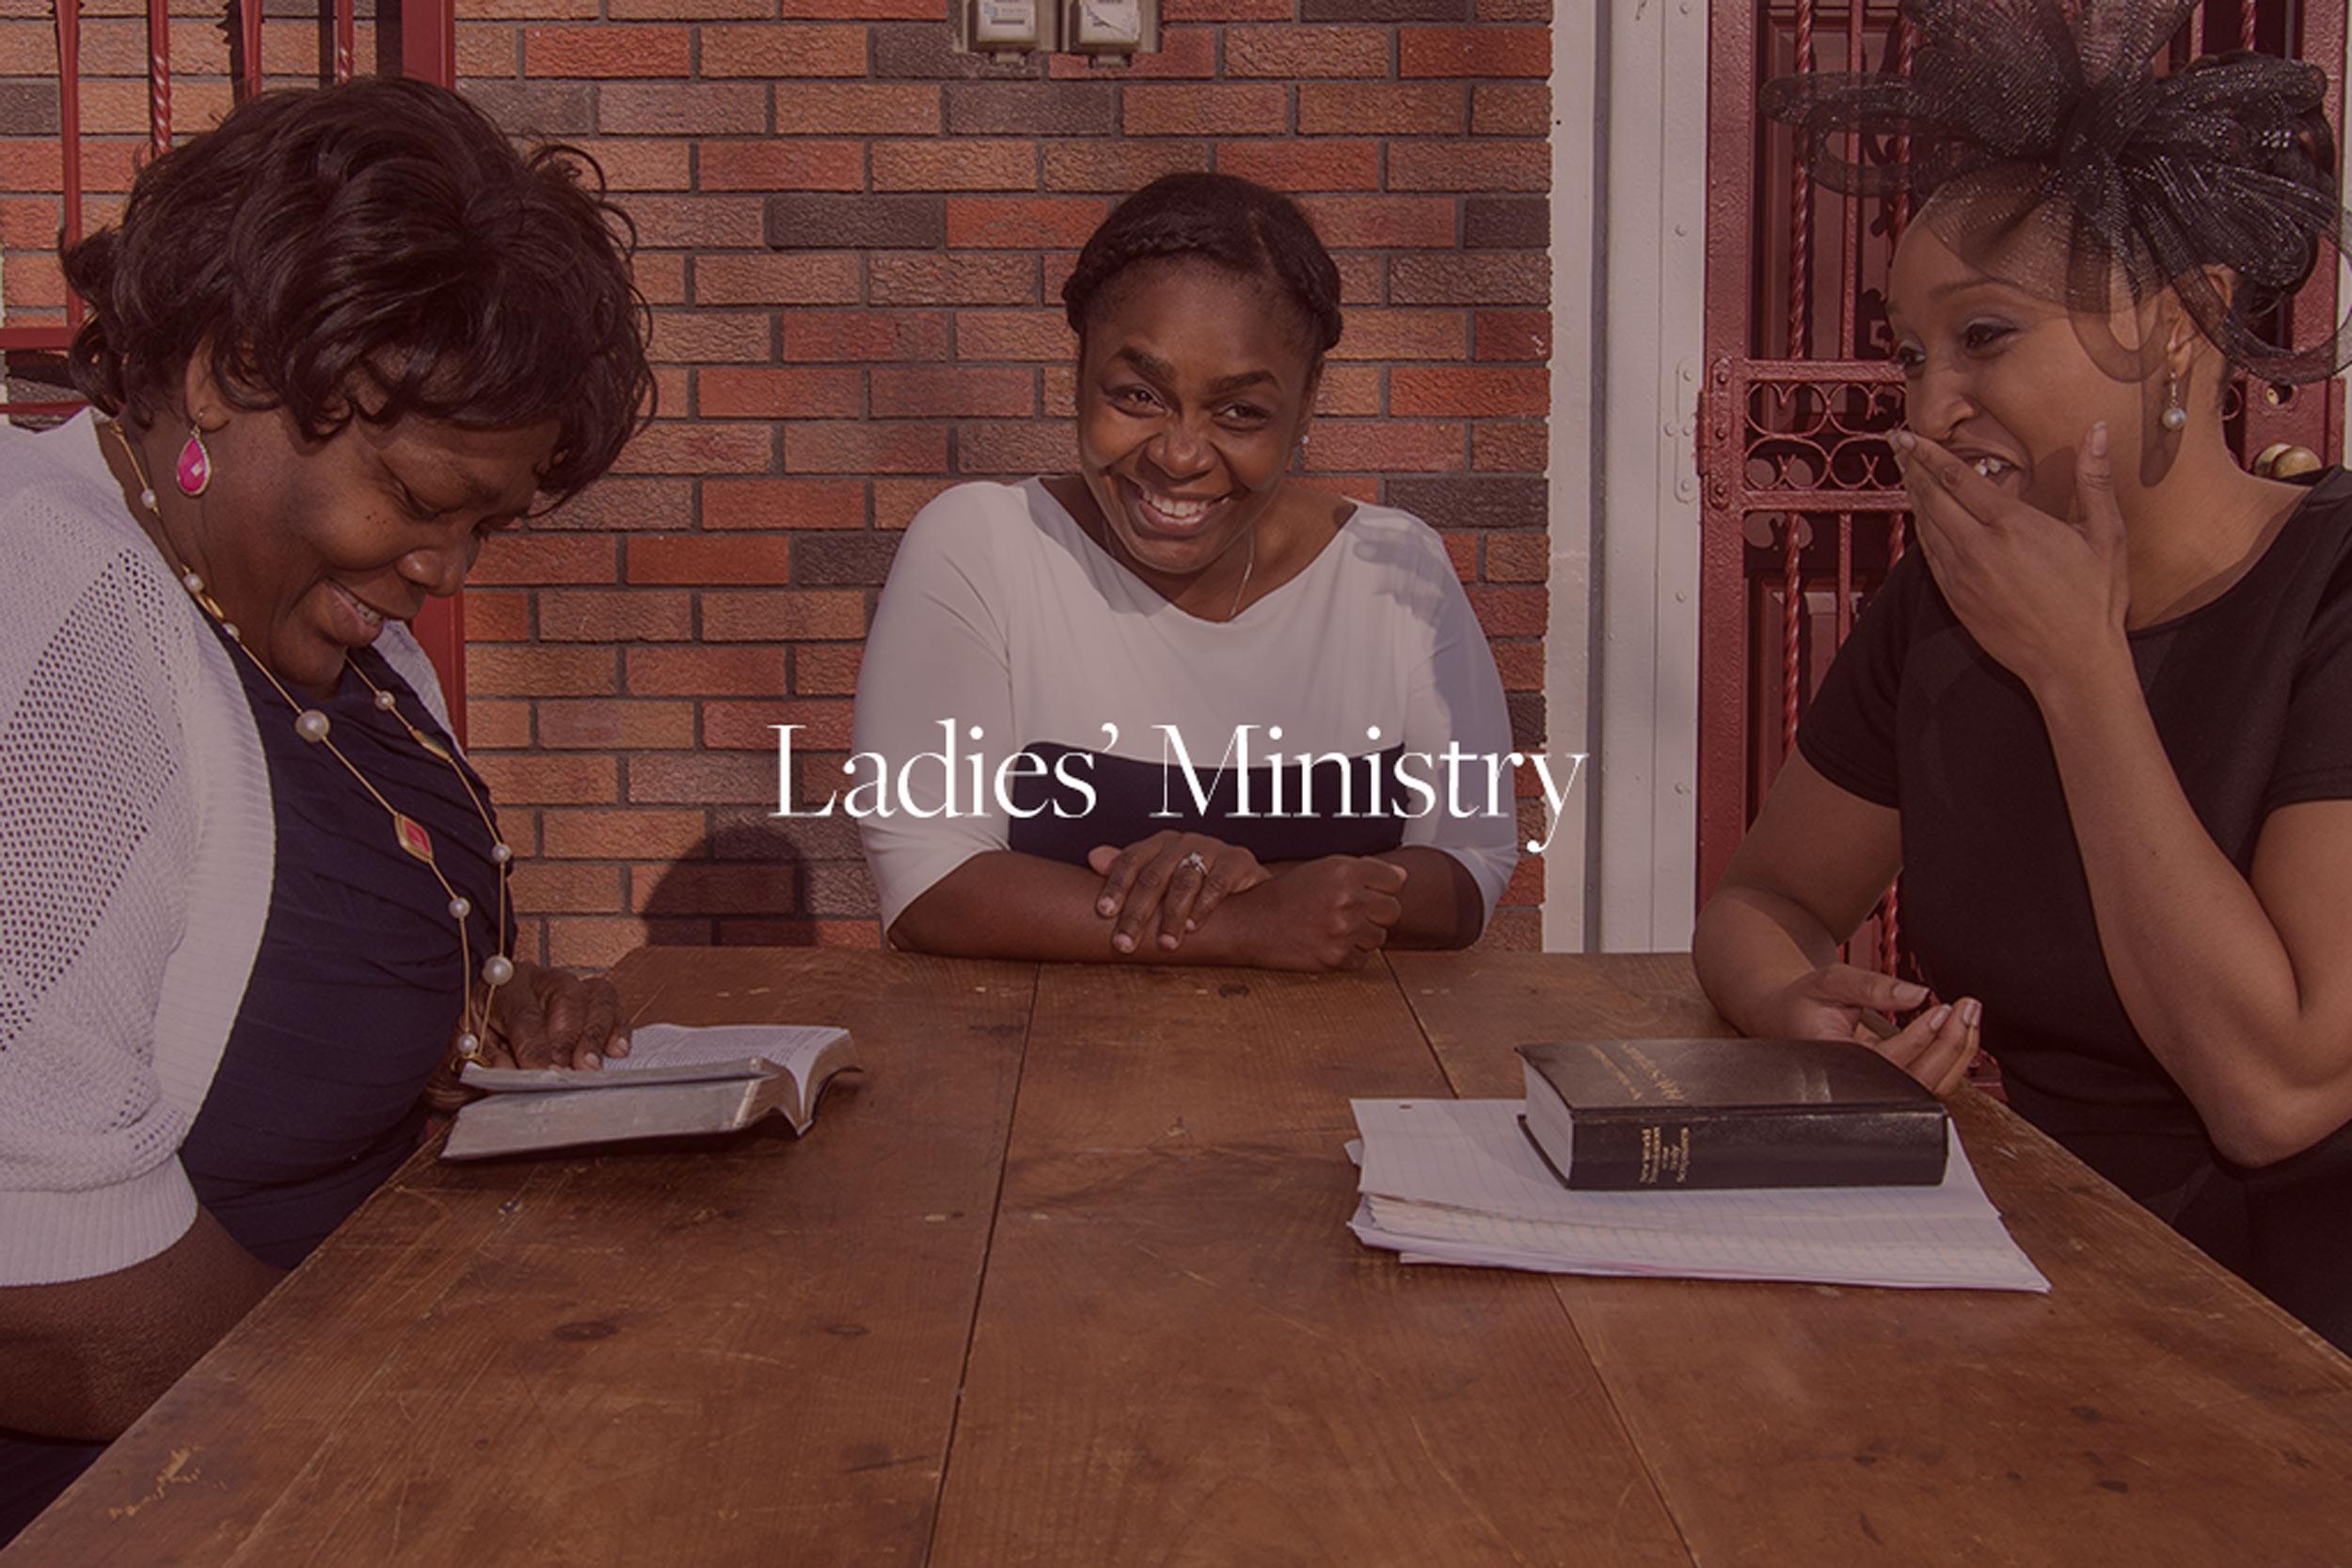 ladies-ministry-app.jpg